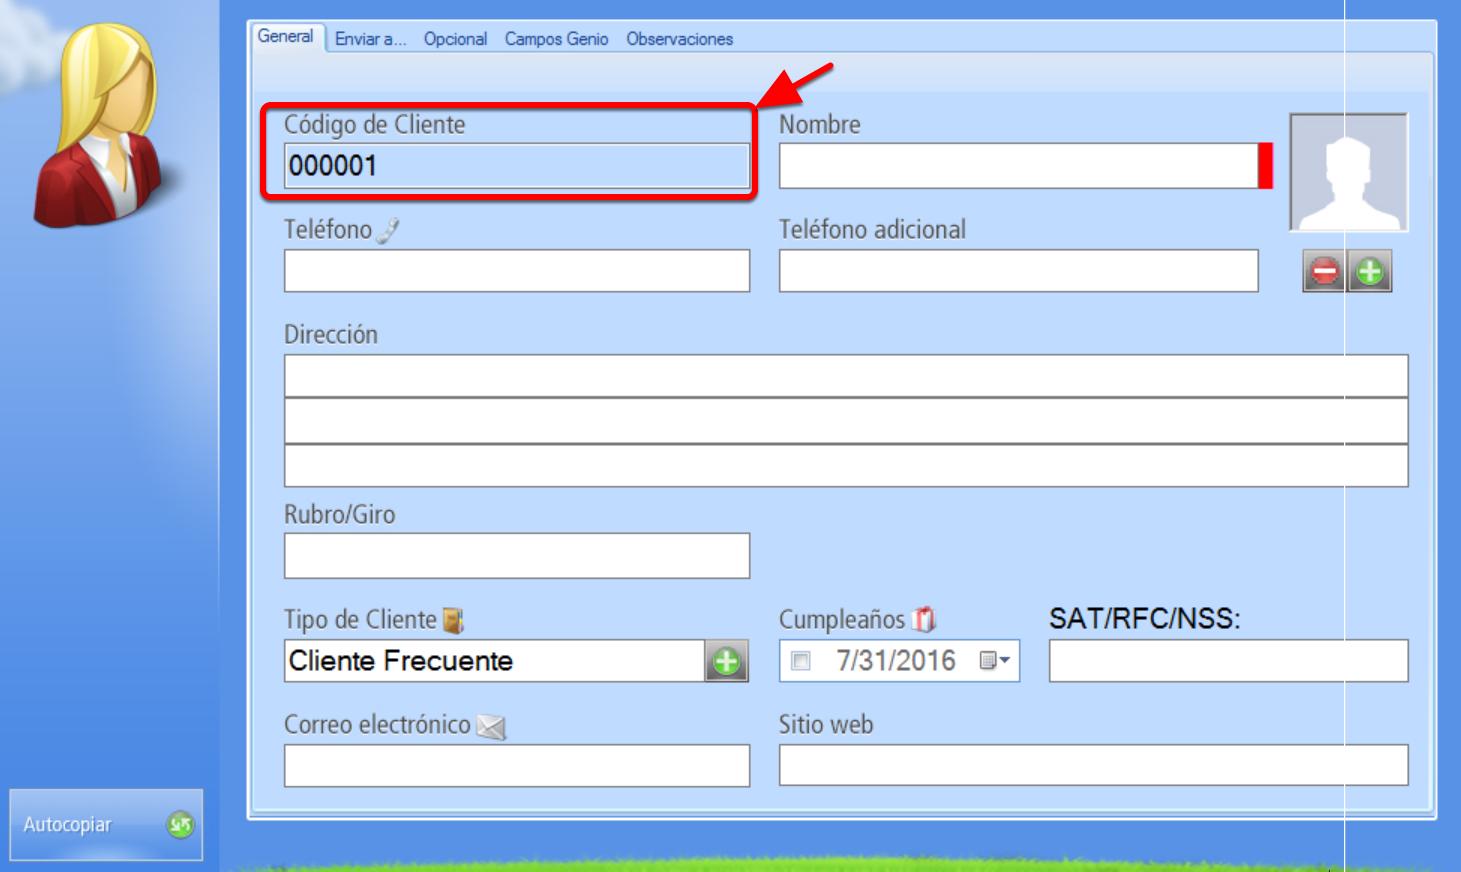 Registro de Nuevo Cliente con codificación automática - Campo código bloqueado por asignación automática de código